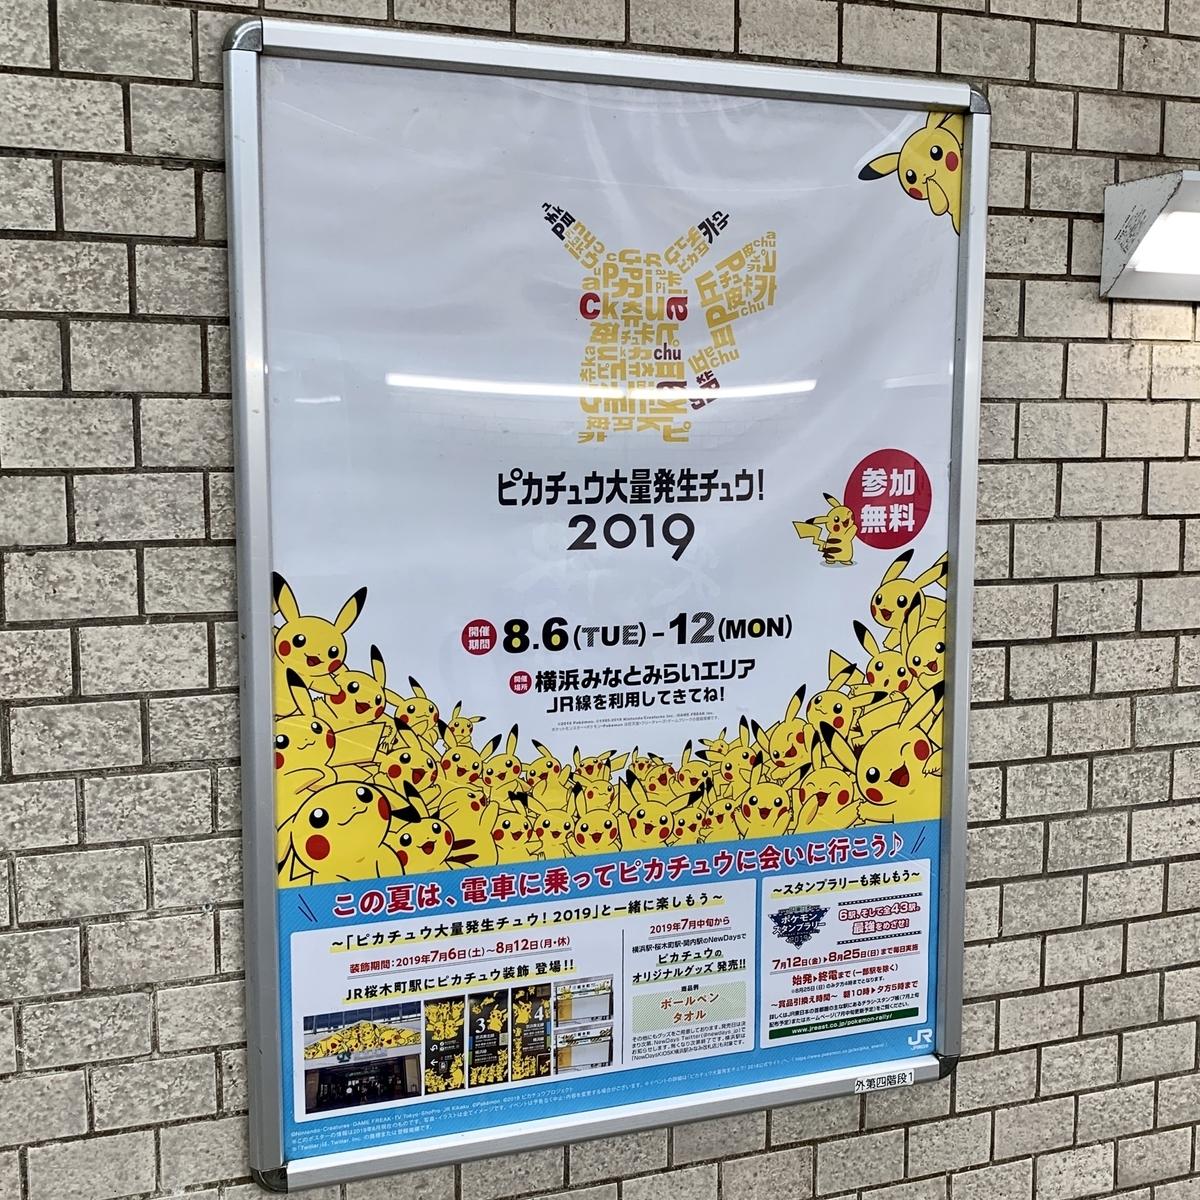 横浜 ピカチュウ イベント